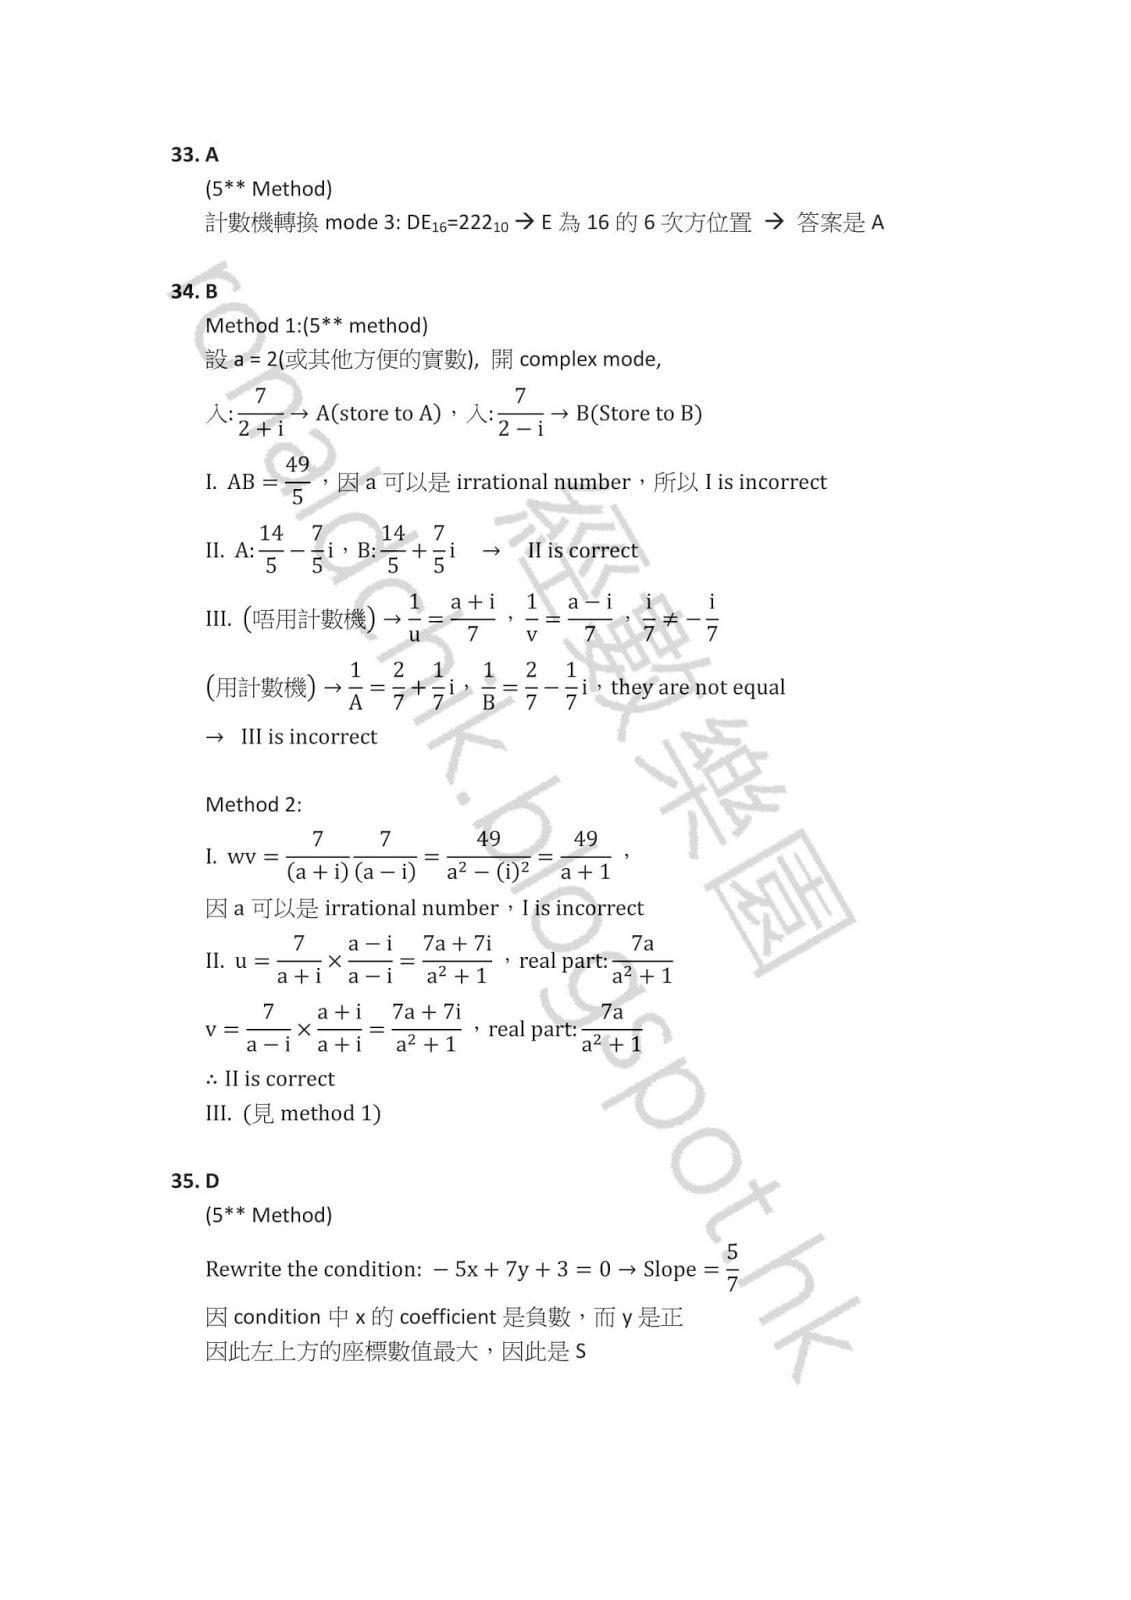 2016 DSE 數學卷二 答案 Q33-35